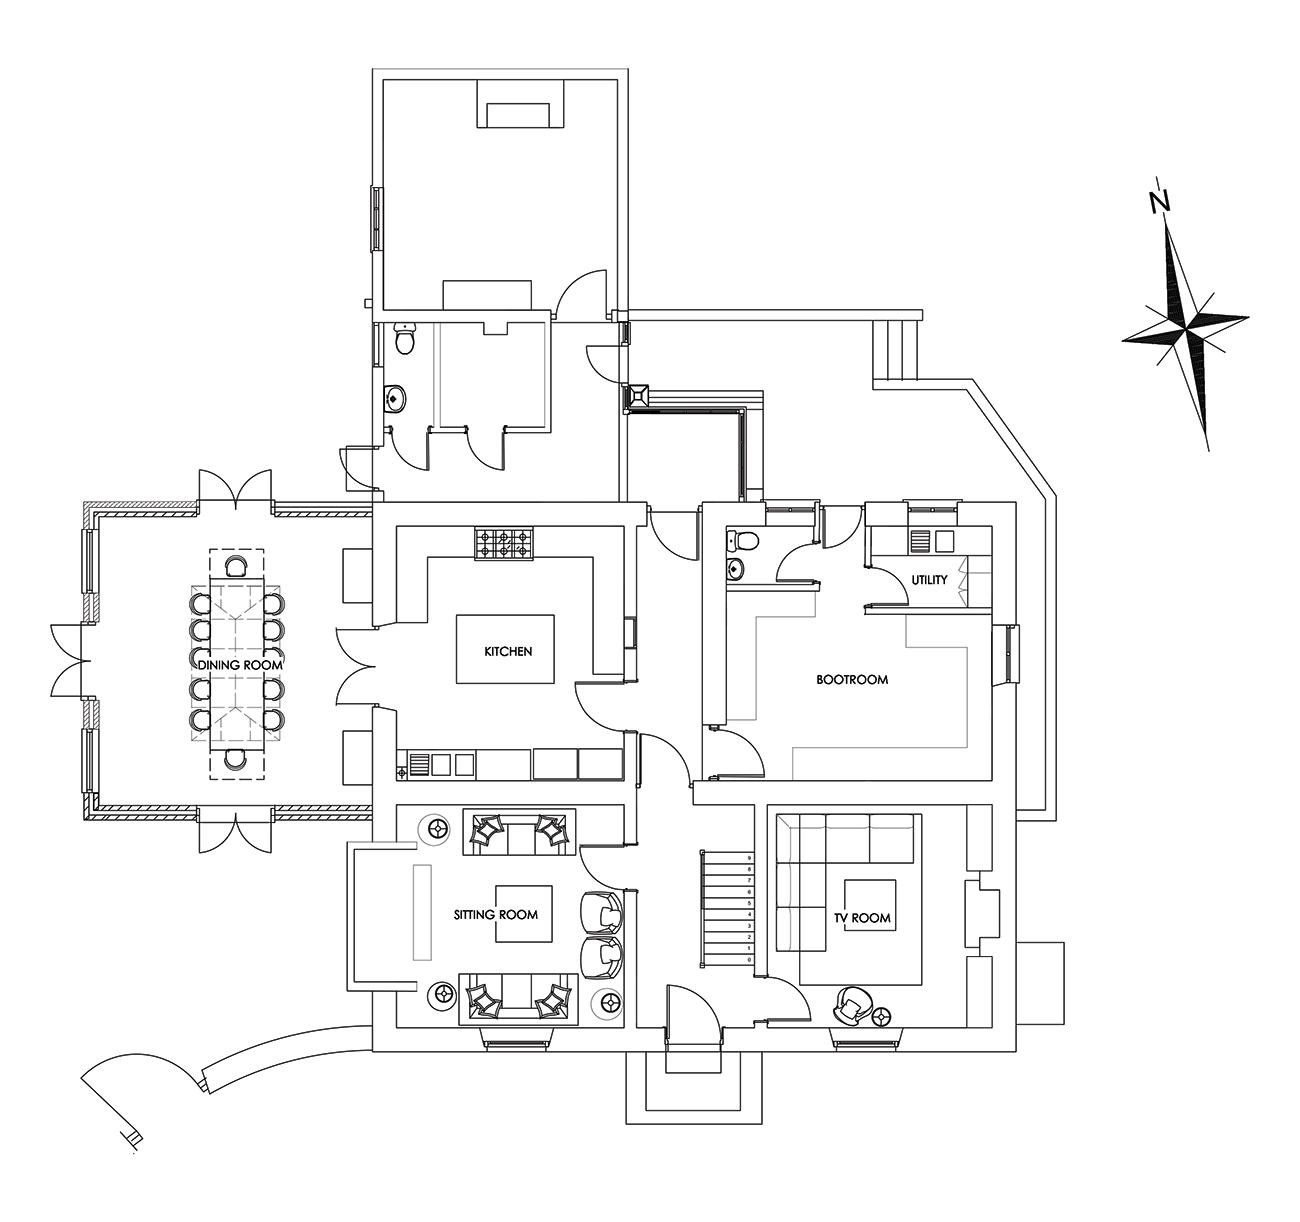 Manor Farmhouse - Ground Floor